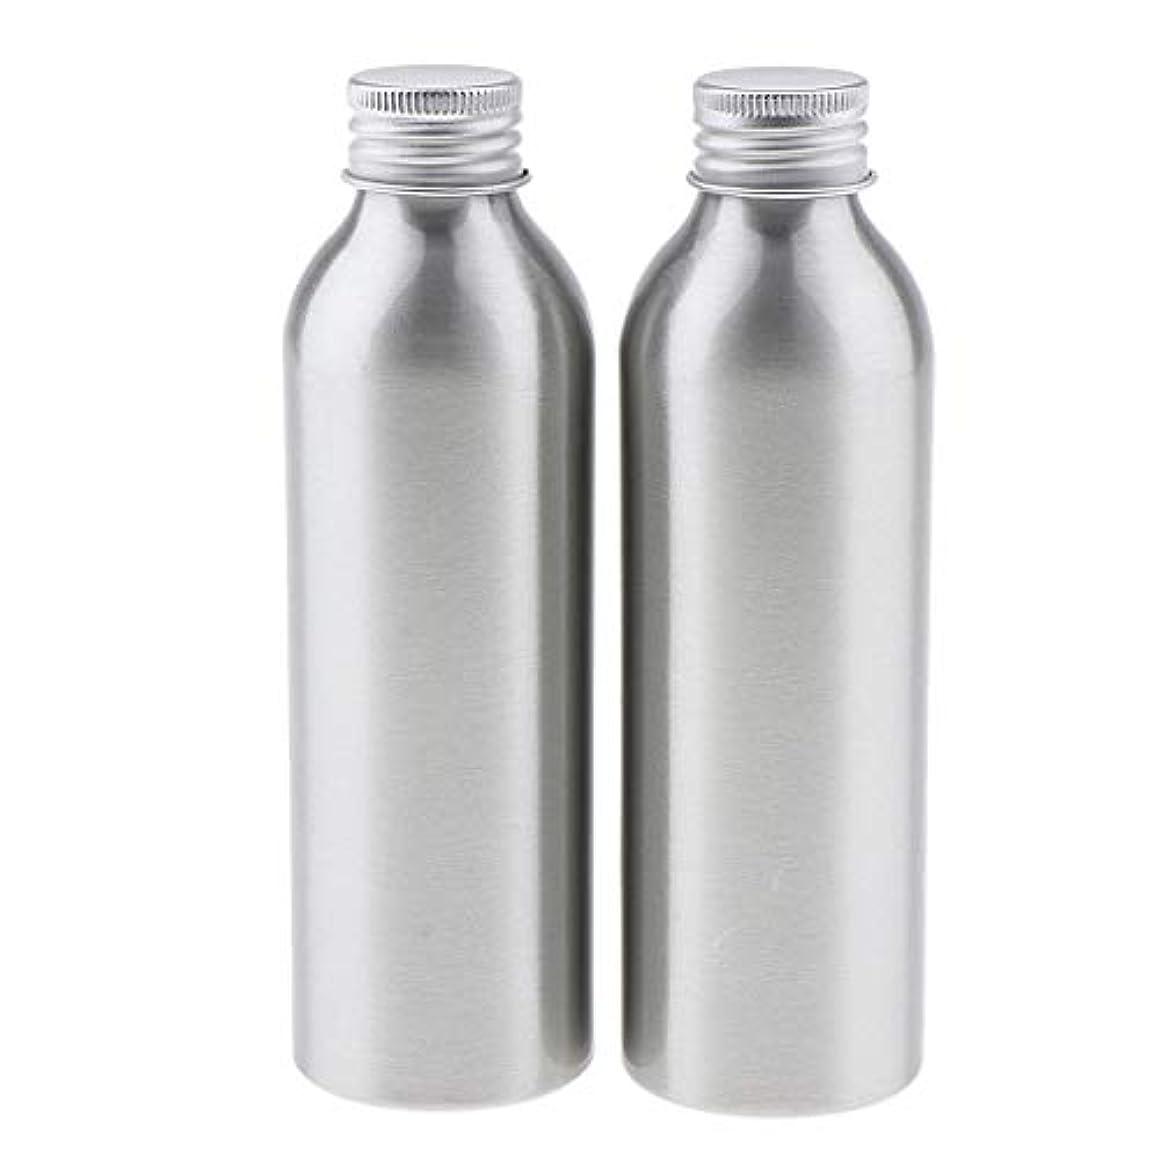 小石典型的な賃金ディスペンサーボトル 空ボトル アルミボトル 化粧品ボトル 詰替え容器 広い口 防錆 全5サイズ - 150ml